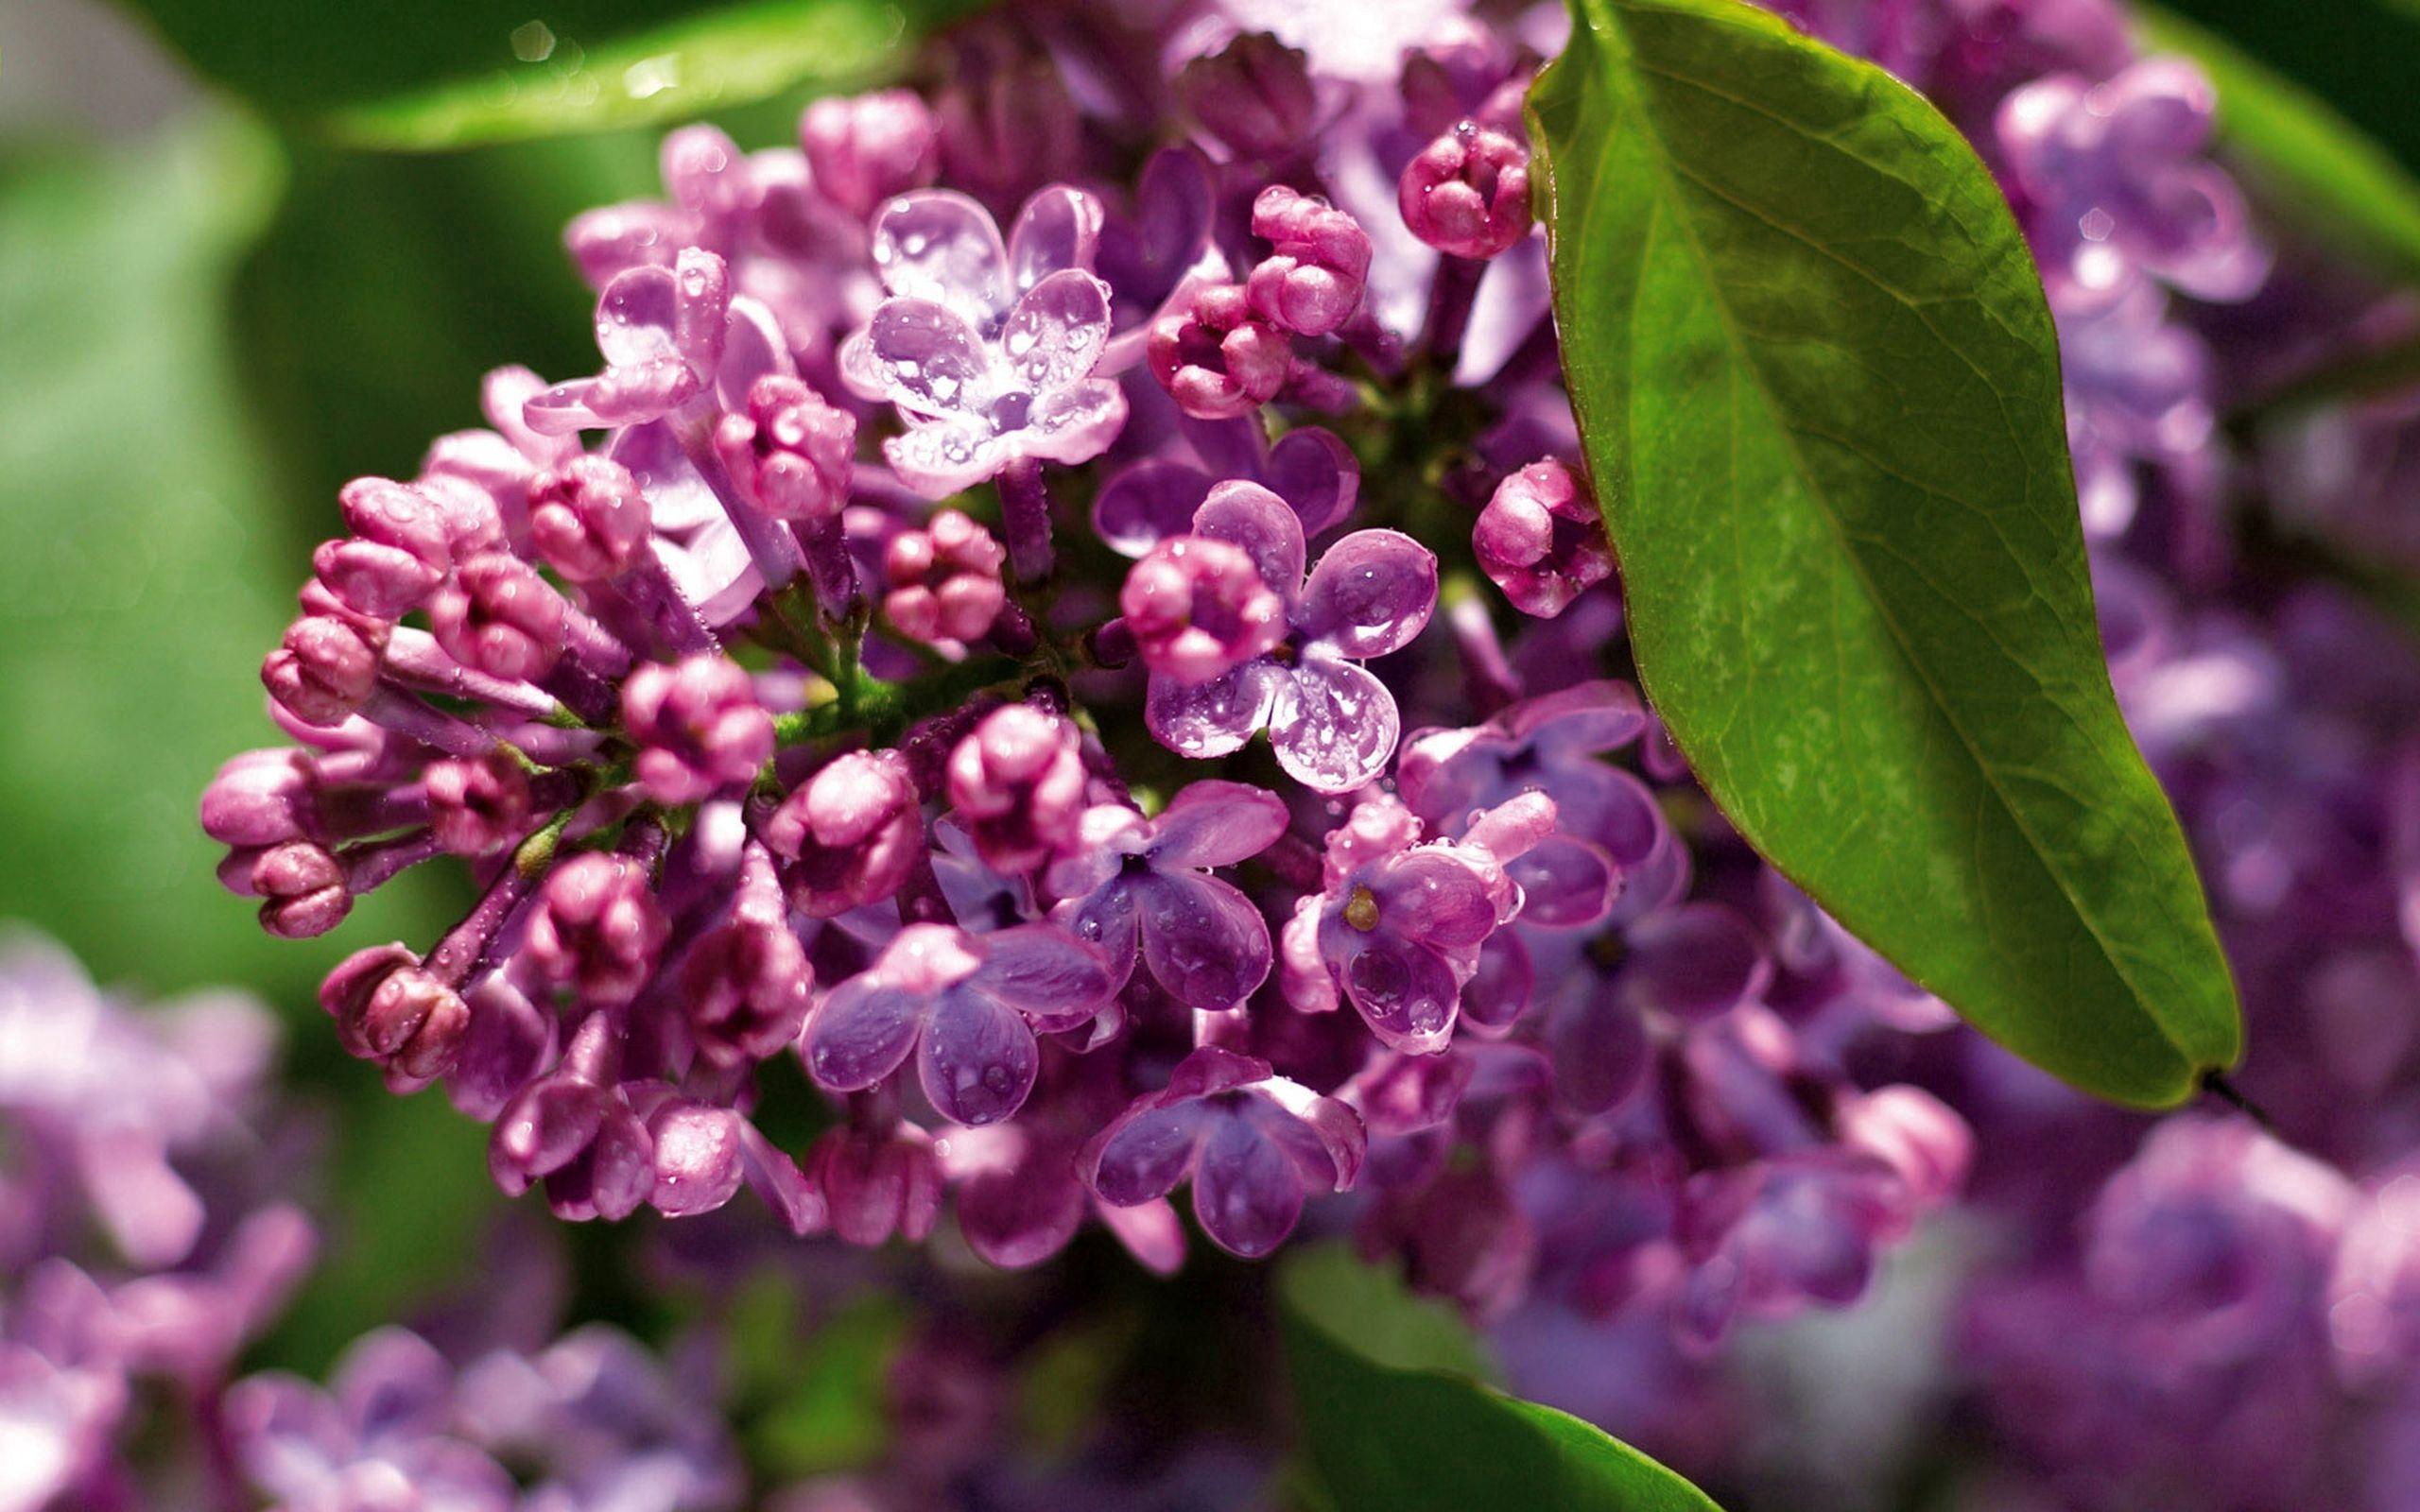 65064 Hintergrundbild herunterladen Blumen, Lilac, Pflanze, Makro, Ast, Zweig - Bildschirmschoner und Bilder kostenlos